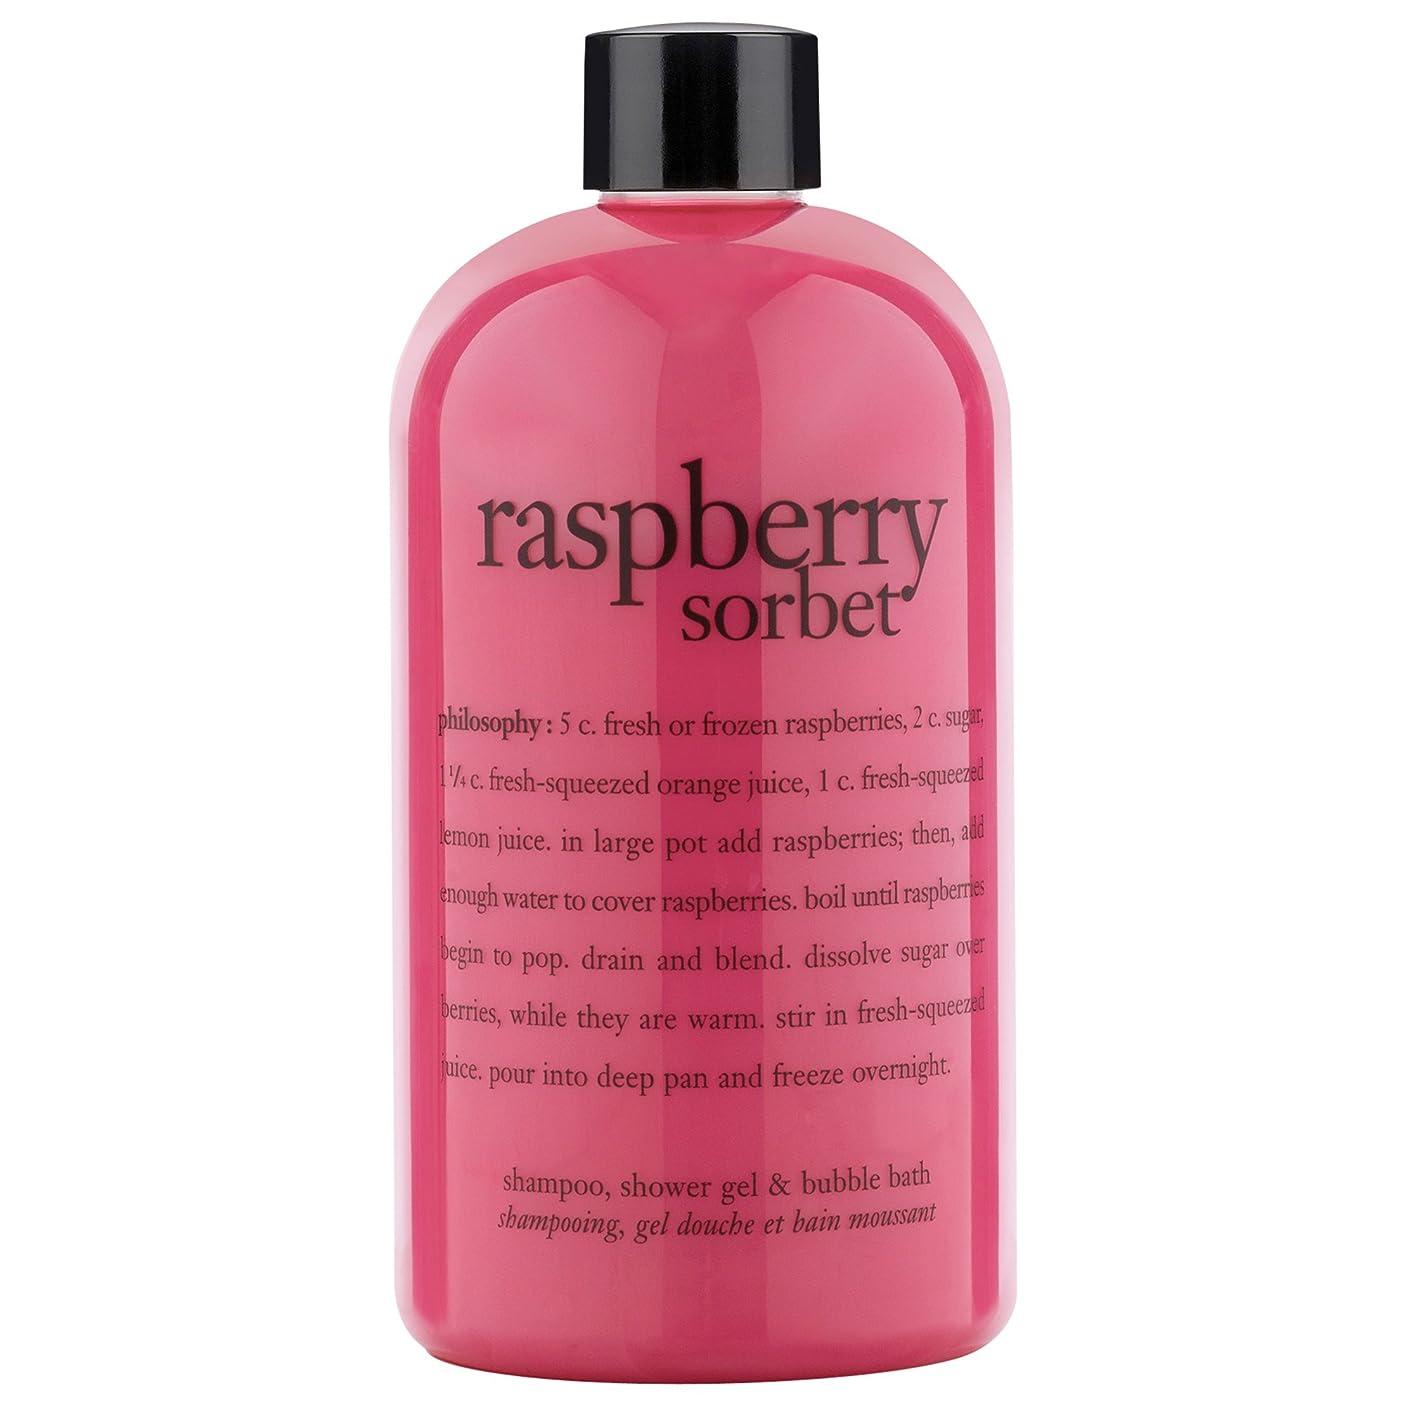 言い聞かせる師匠債権者哲学ラズベリーシャワージェル480ミリリットル (Philosophy) (x6) - Philosophy Raspberry Shower Gel 480ml (Pack of 6) [並行輸入品]